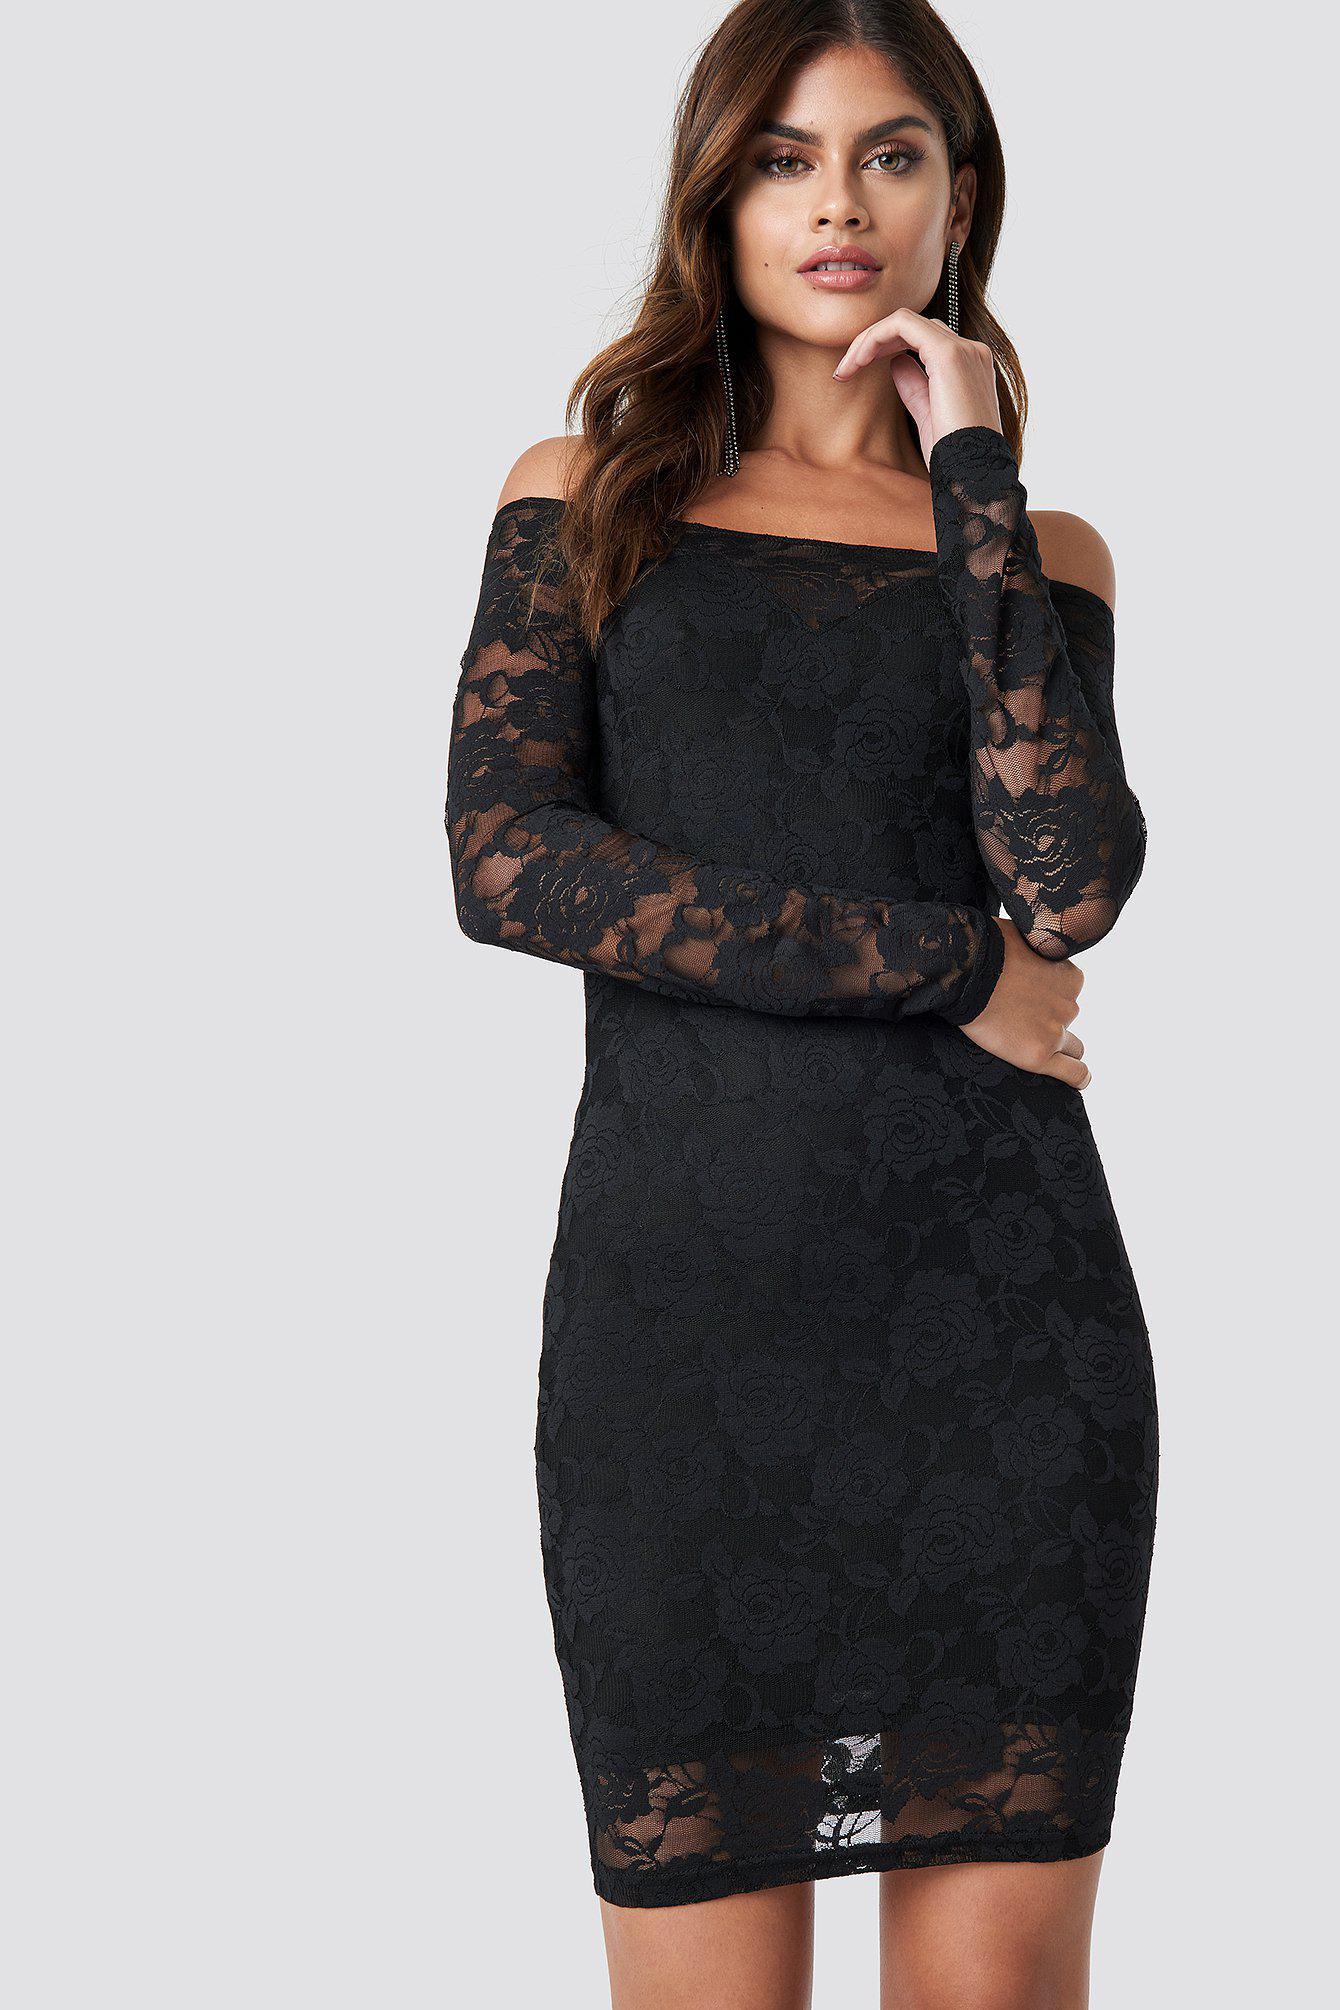 7695b91d447 NA-KD Off Shoulder Lace Dress Black in Black - Lyst